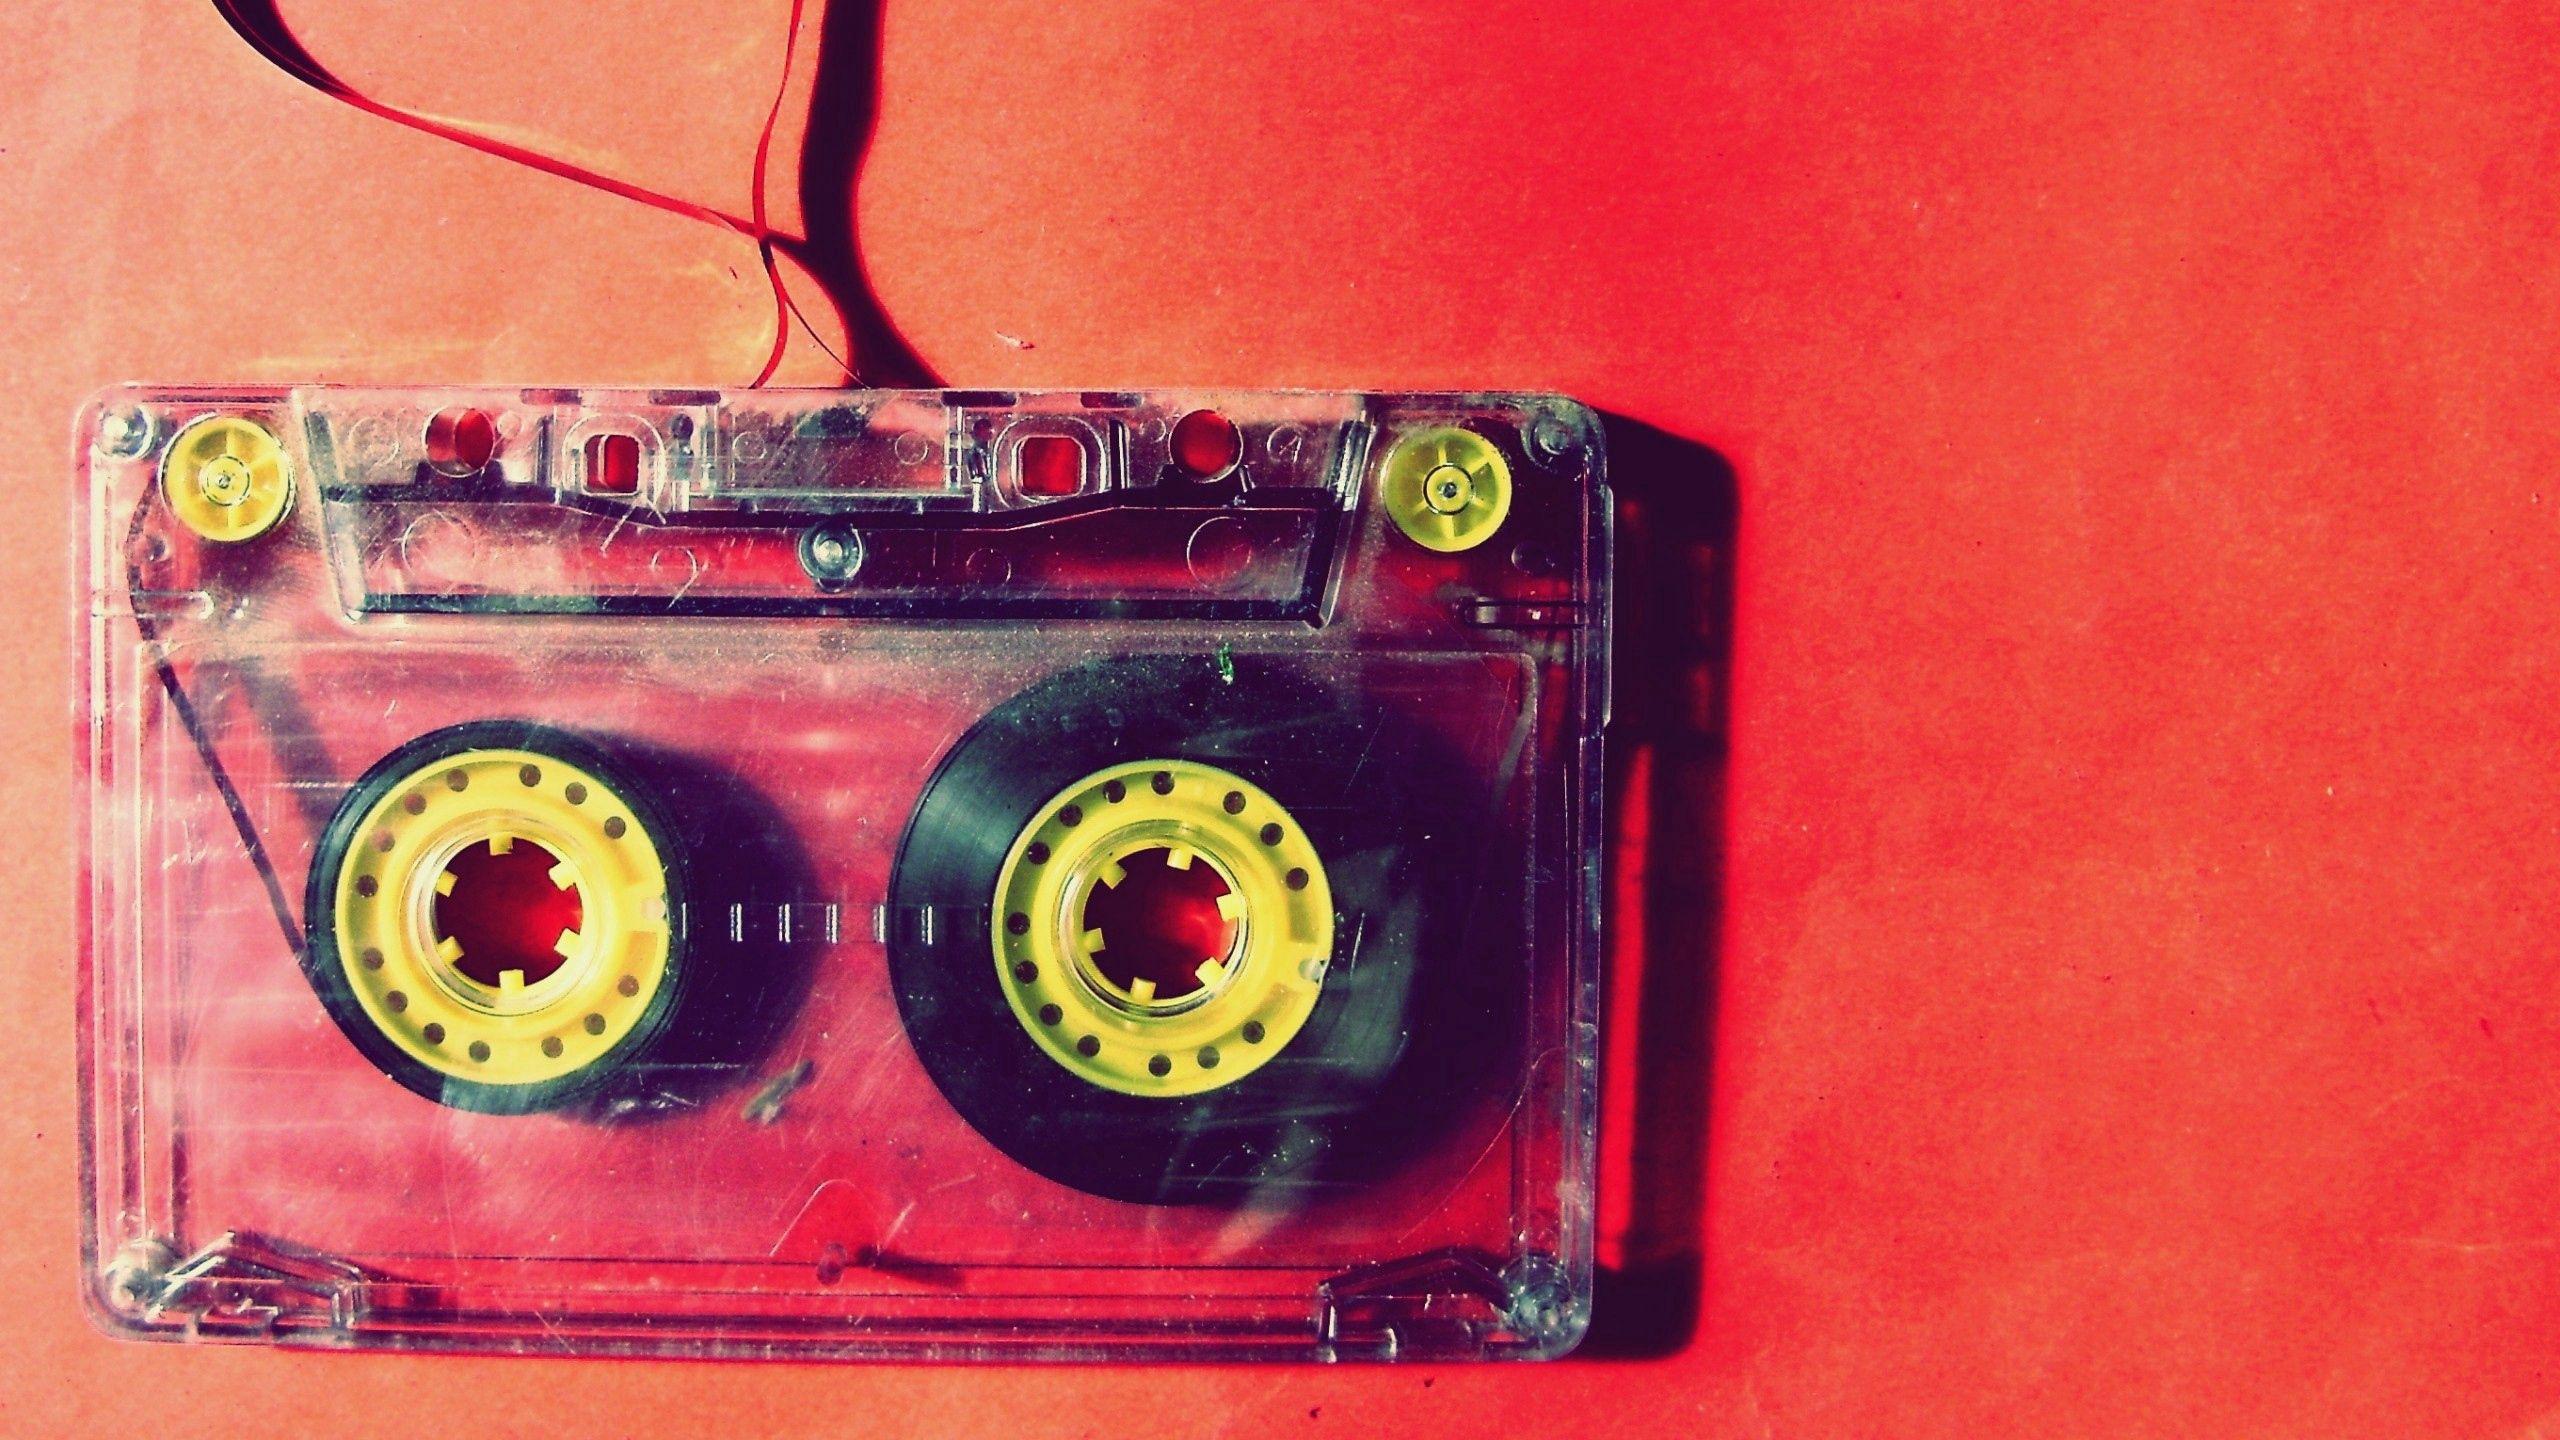 2560x1440 Обои кассета, музыка, старинный, пленка